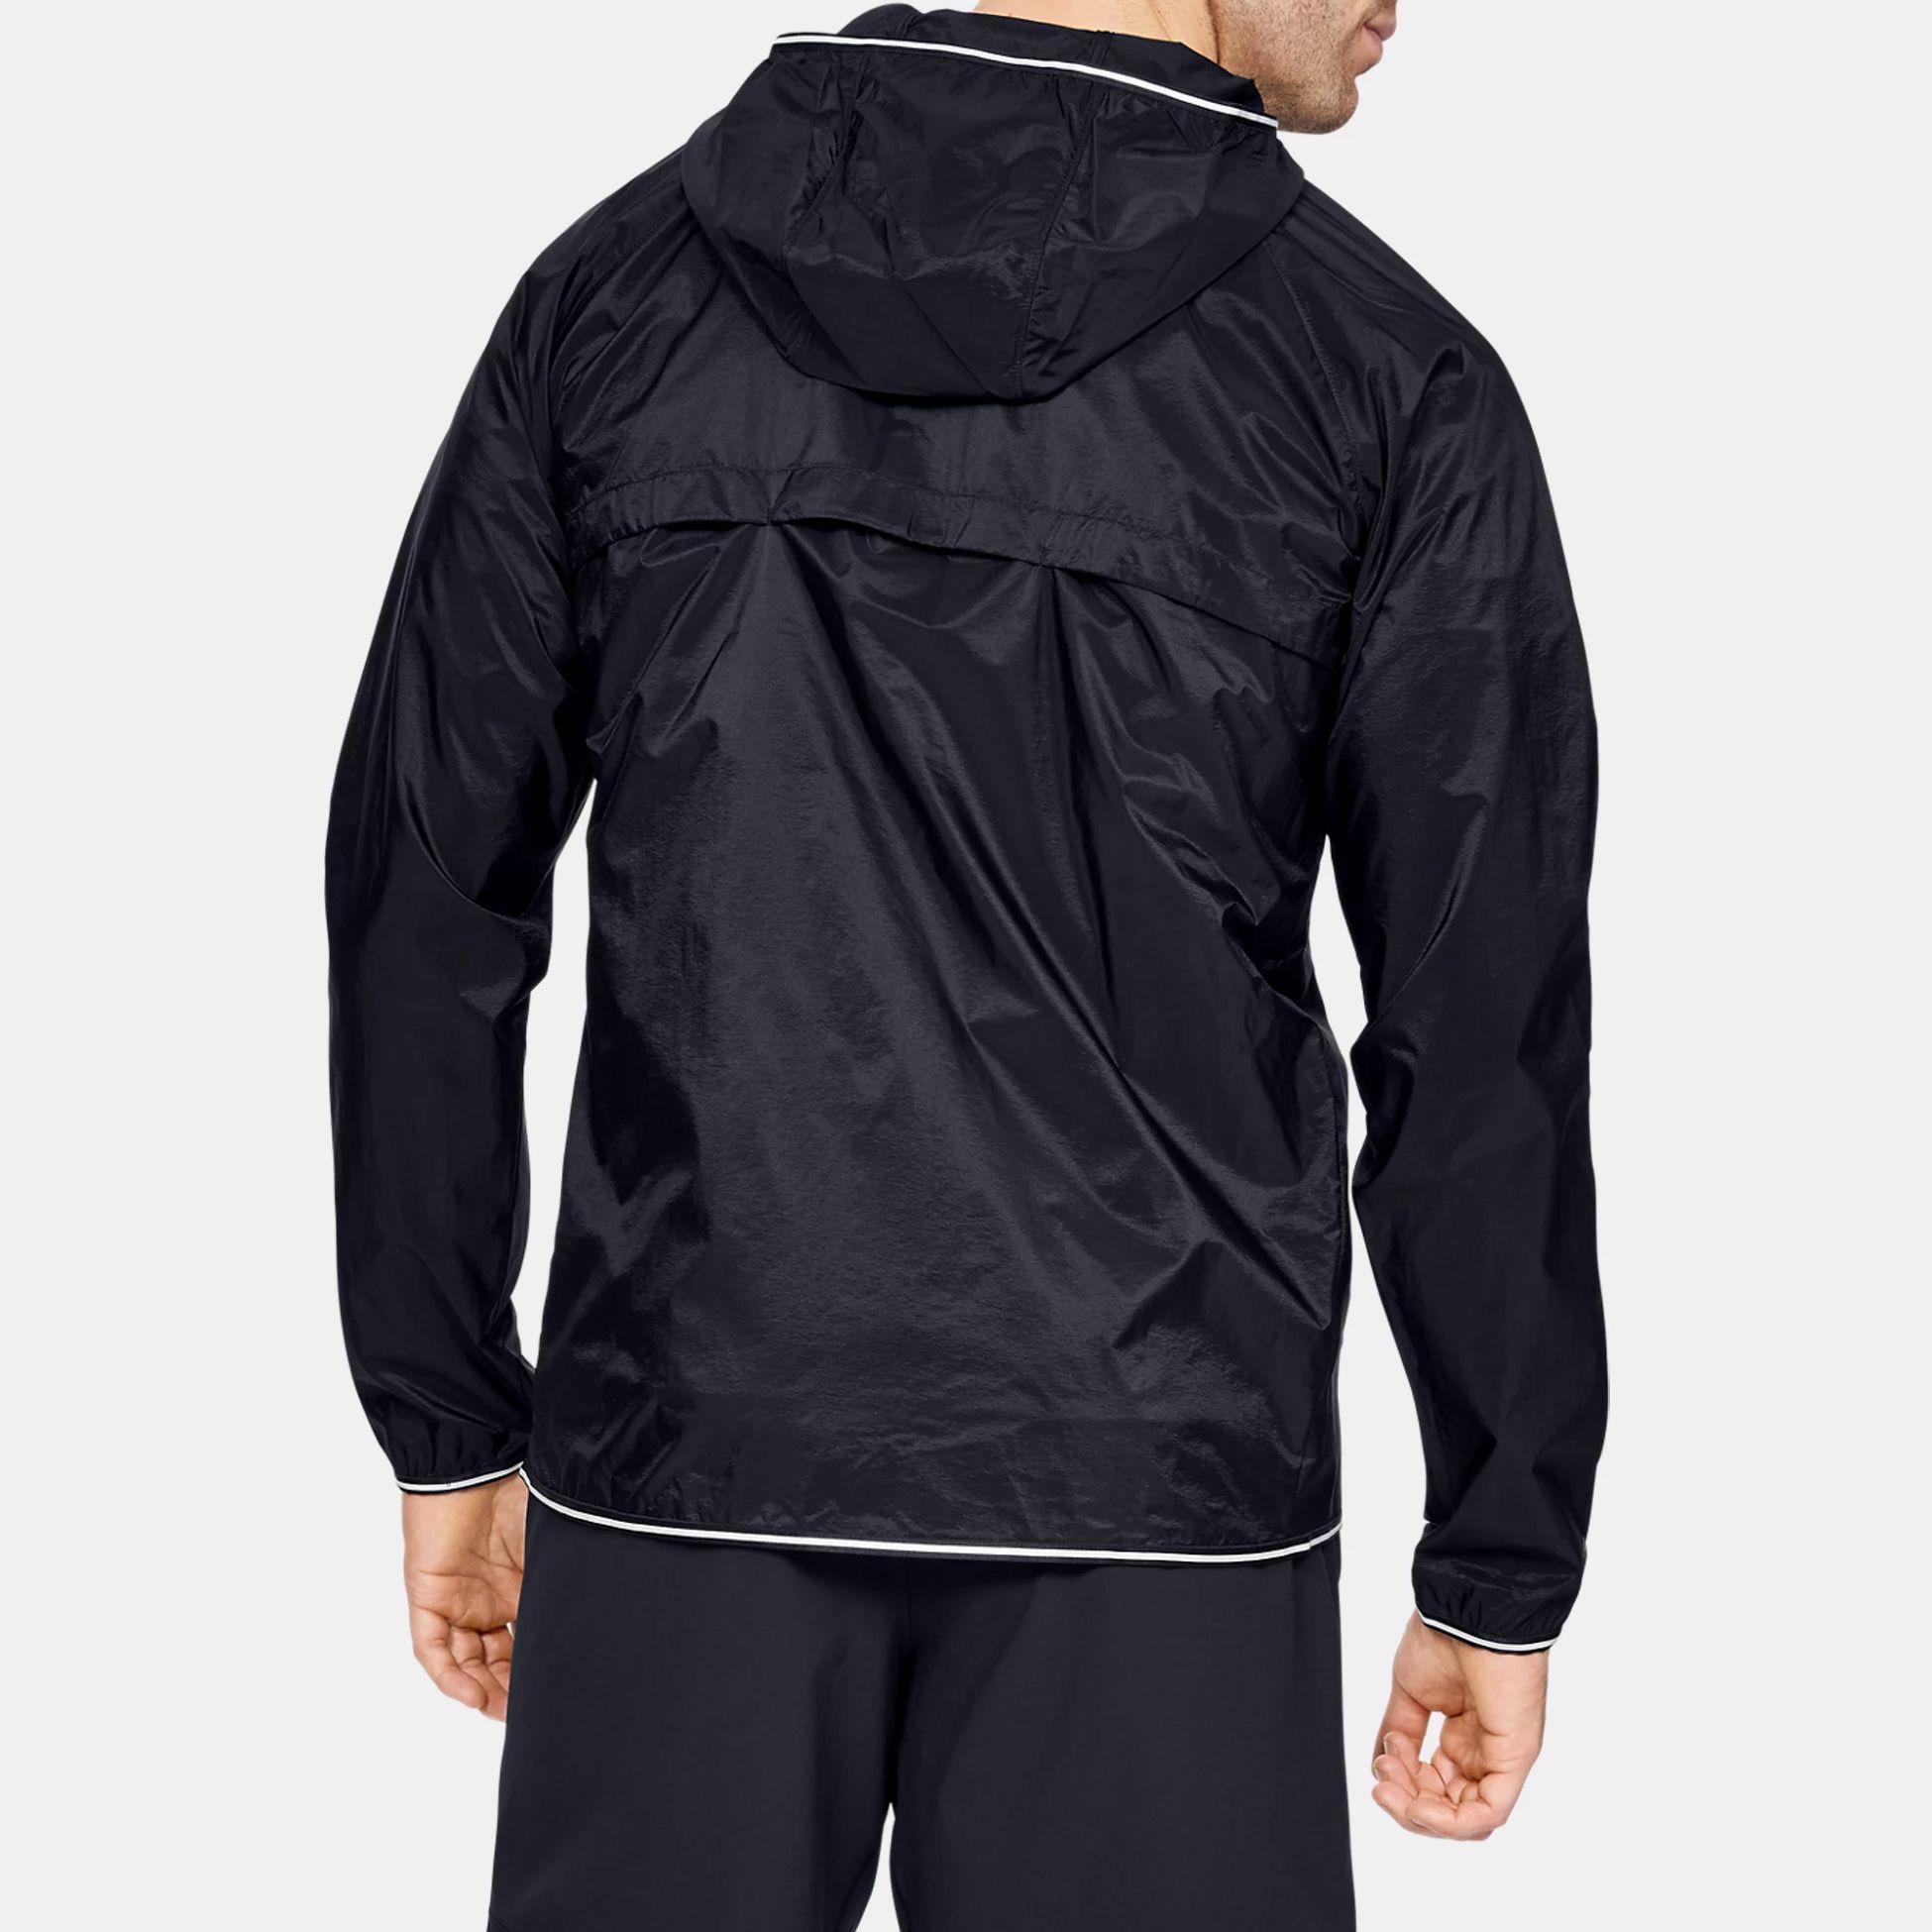 Îmbrăcăminte -  under armour UA Qualifier Storm Packable Jacket 6597